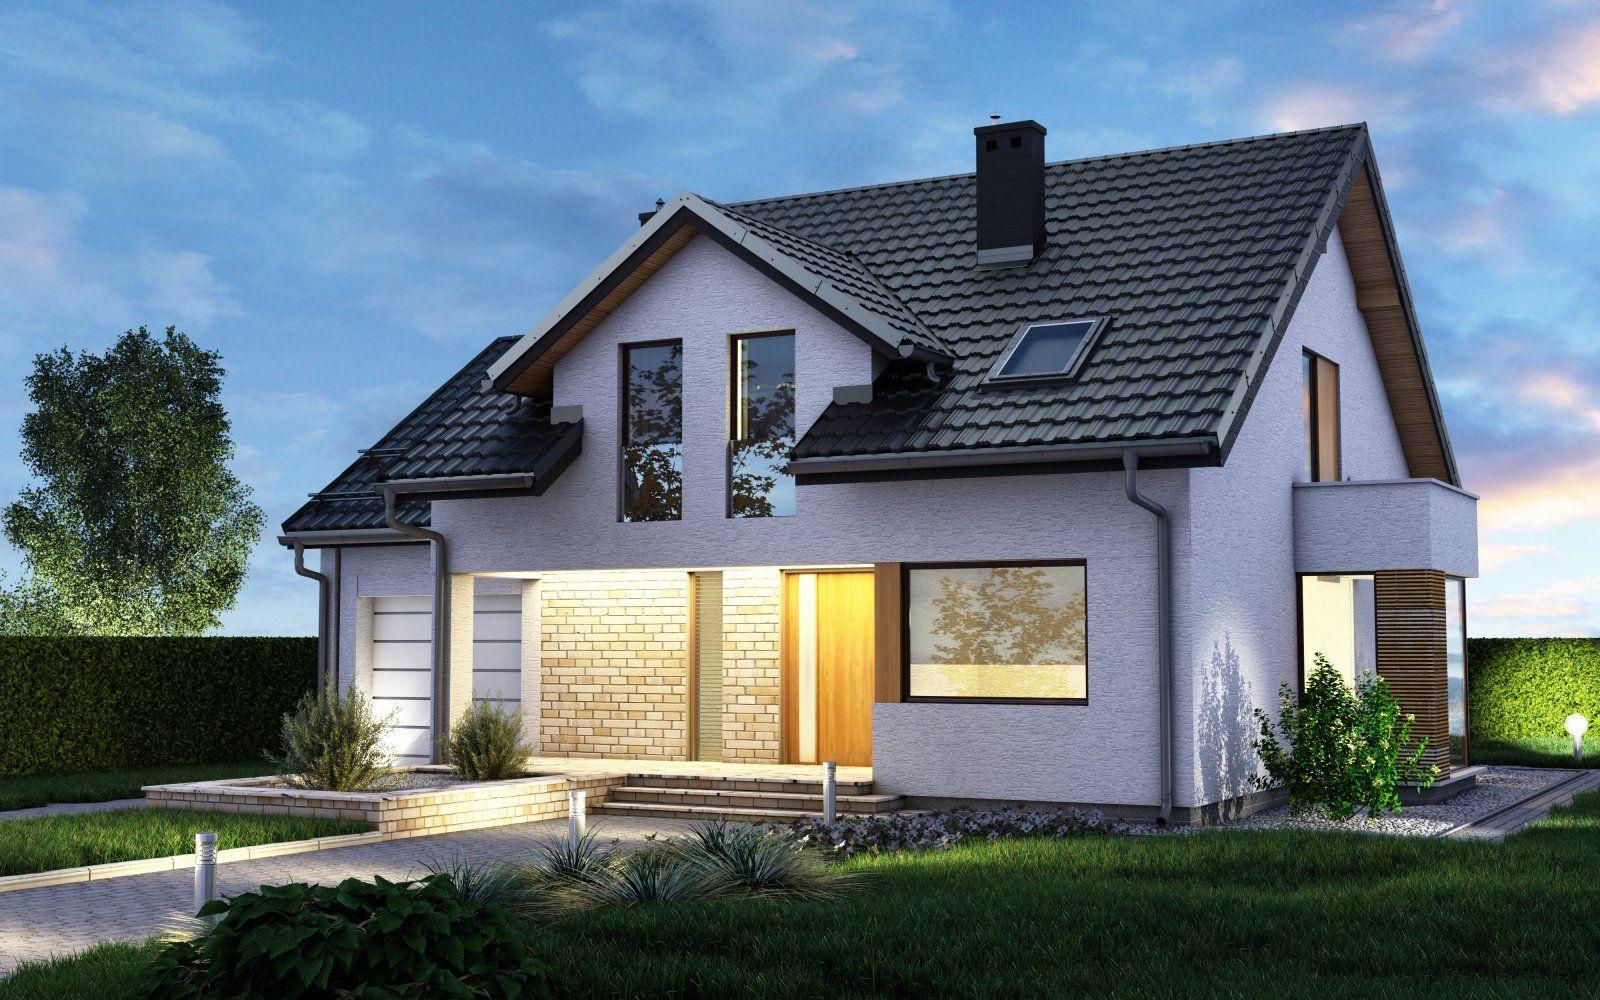 Plechová škridlová krytinavklasických farbáchpálenej škridly. Pohľad na dom zboku, podvečer v prítmí.